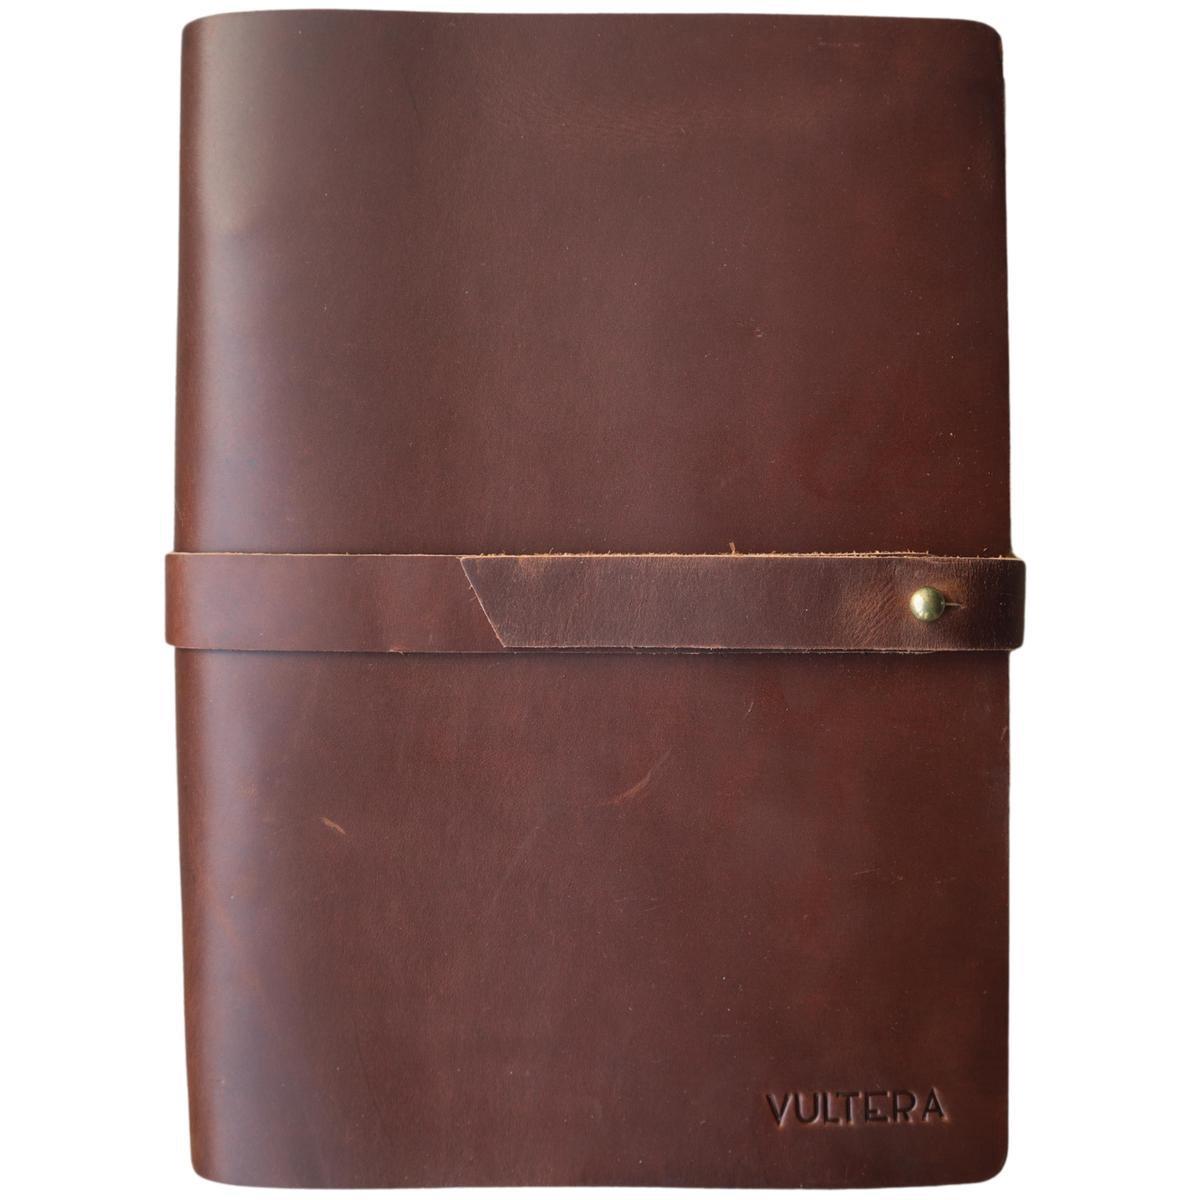 Vultera Leren Notitieboek A5 met ringband   gelinieerd - Hervulbaar - Lederen kaft - geschikt als da